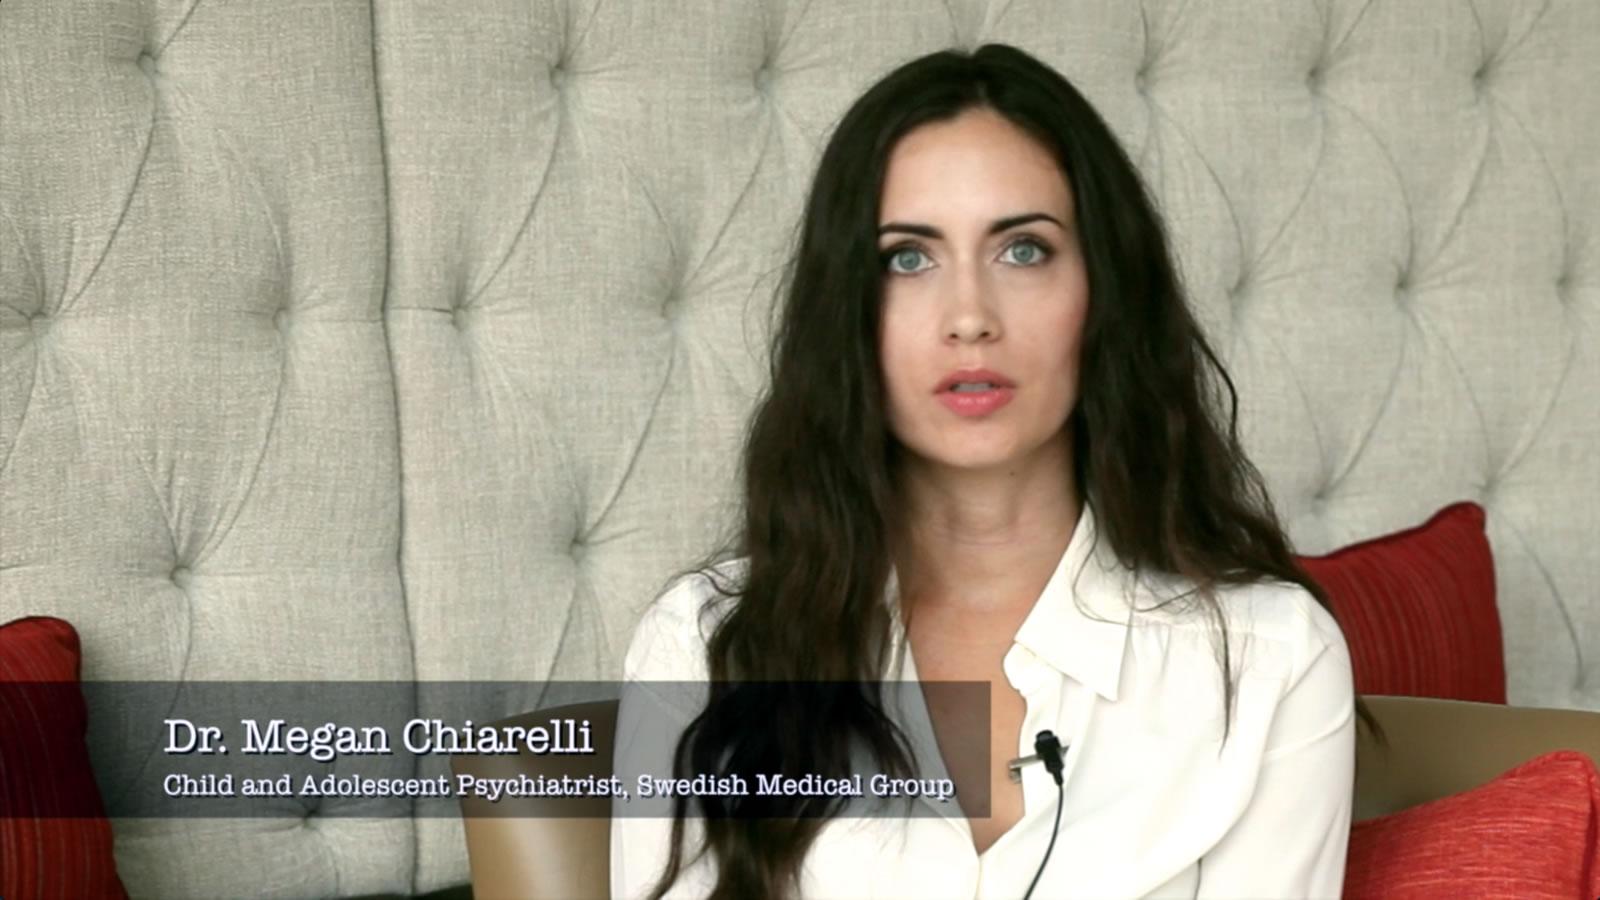 Incredible Intensity of Just Being Human - Dr. Megan Chiarelli